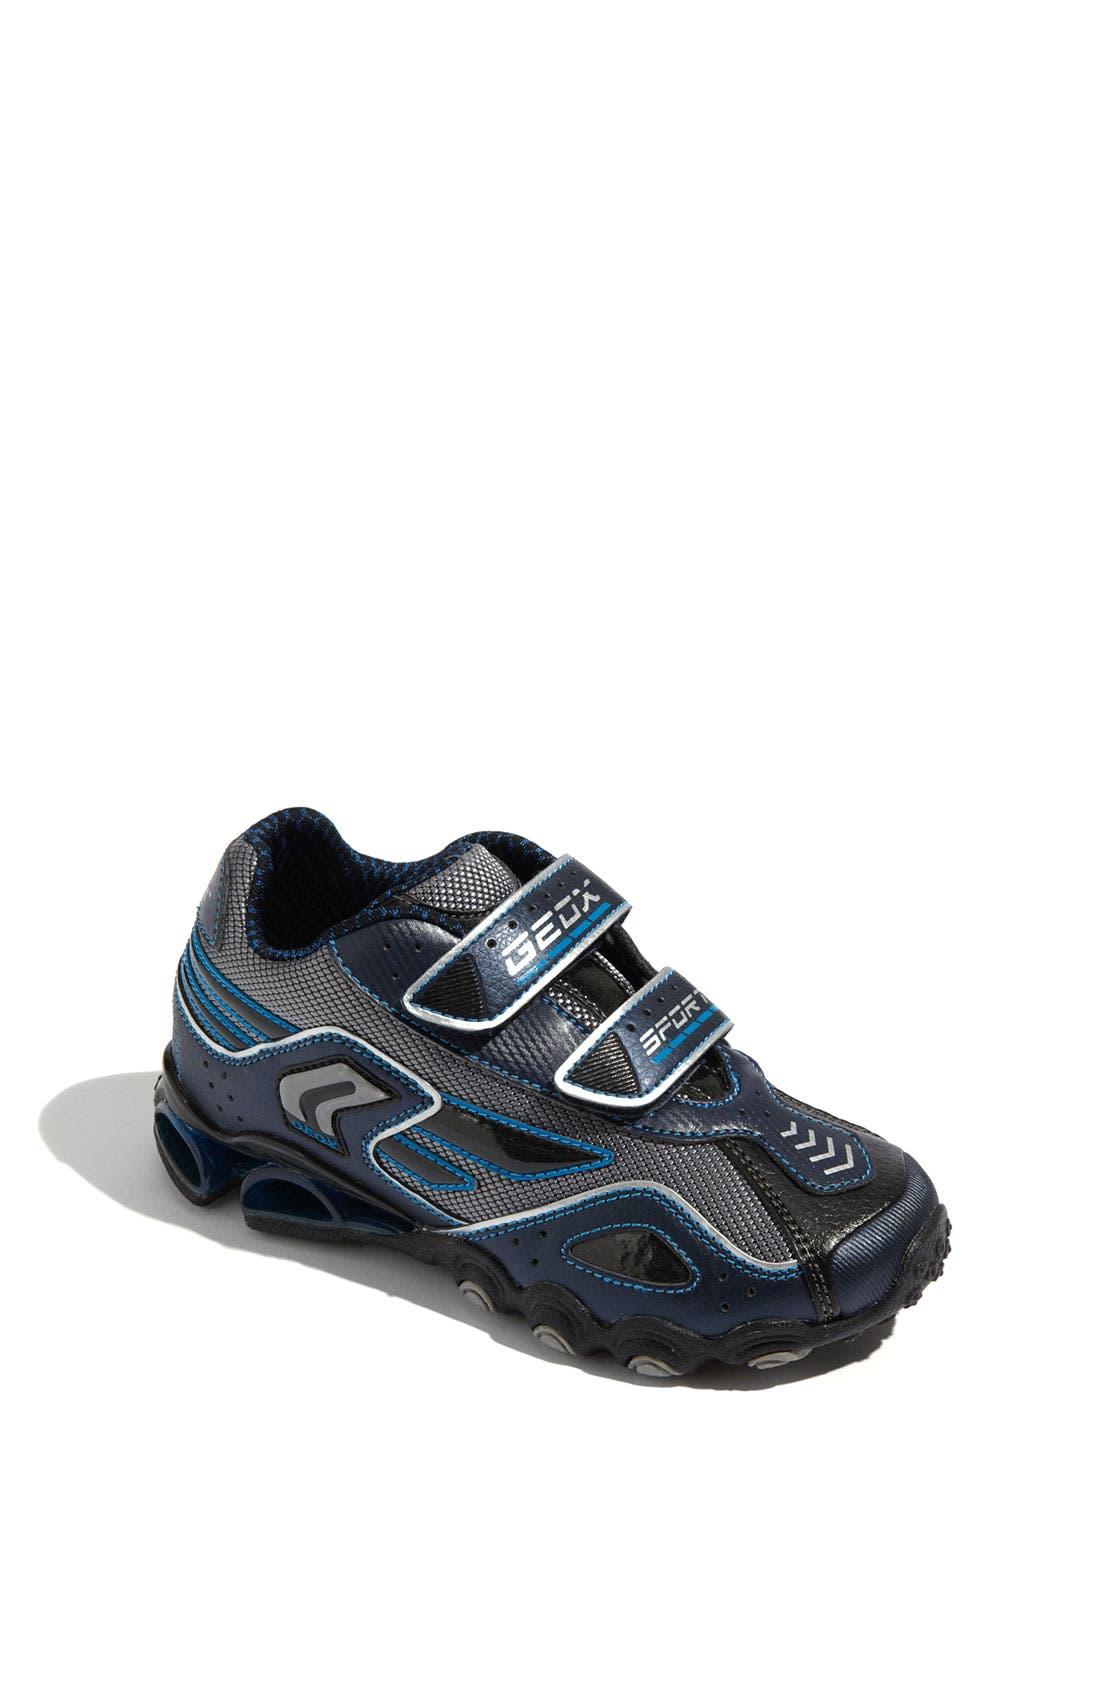 Alternate Image 1 Selected - Geox 'Tornado 10' Sneaker (Toddler, Little Kid & Big Kid)